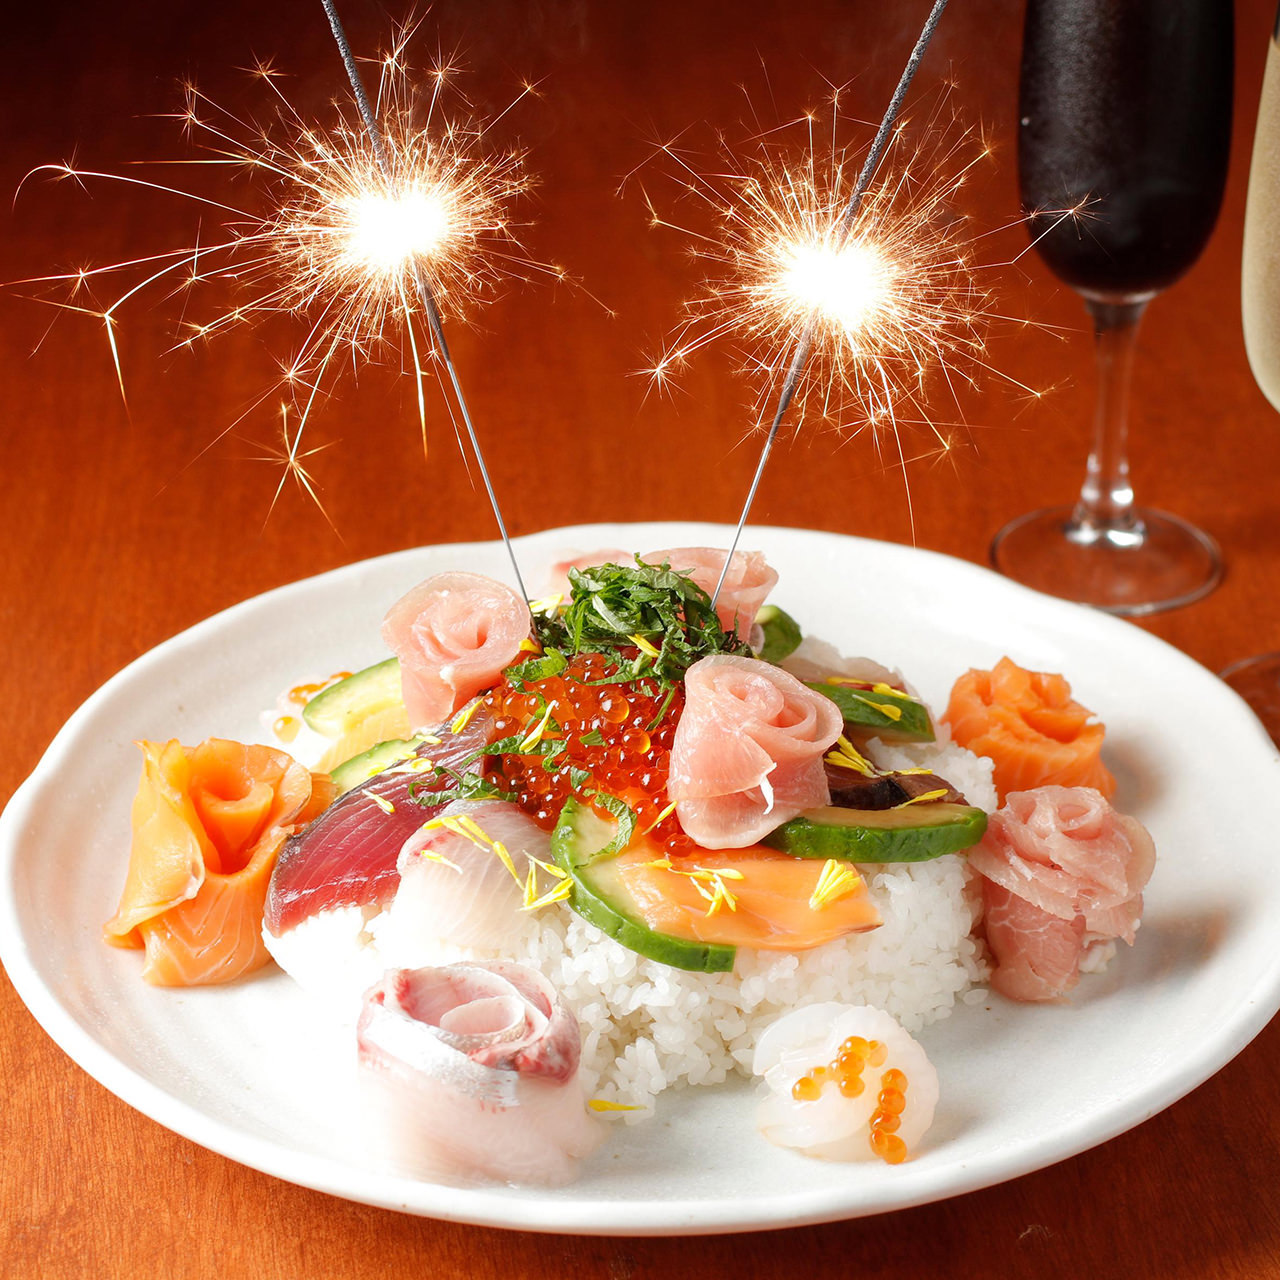 ボリューム満点の寿司ケーキでお祝い!「記念日コース」